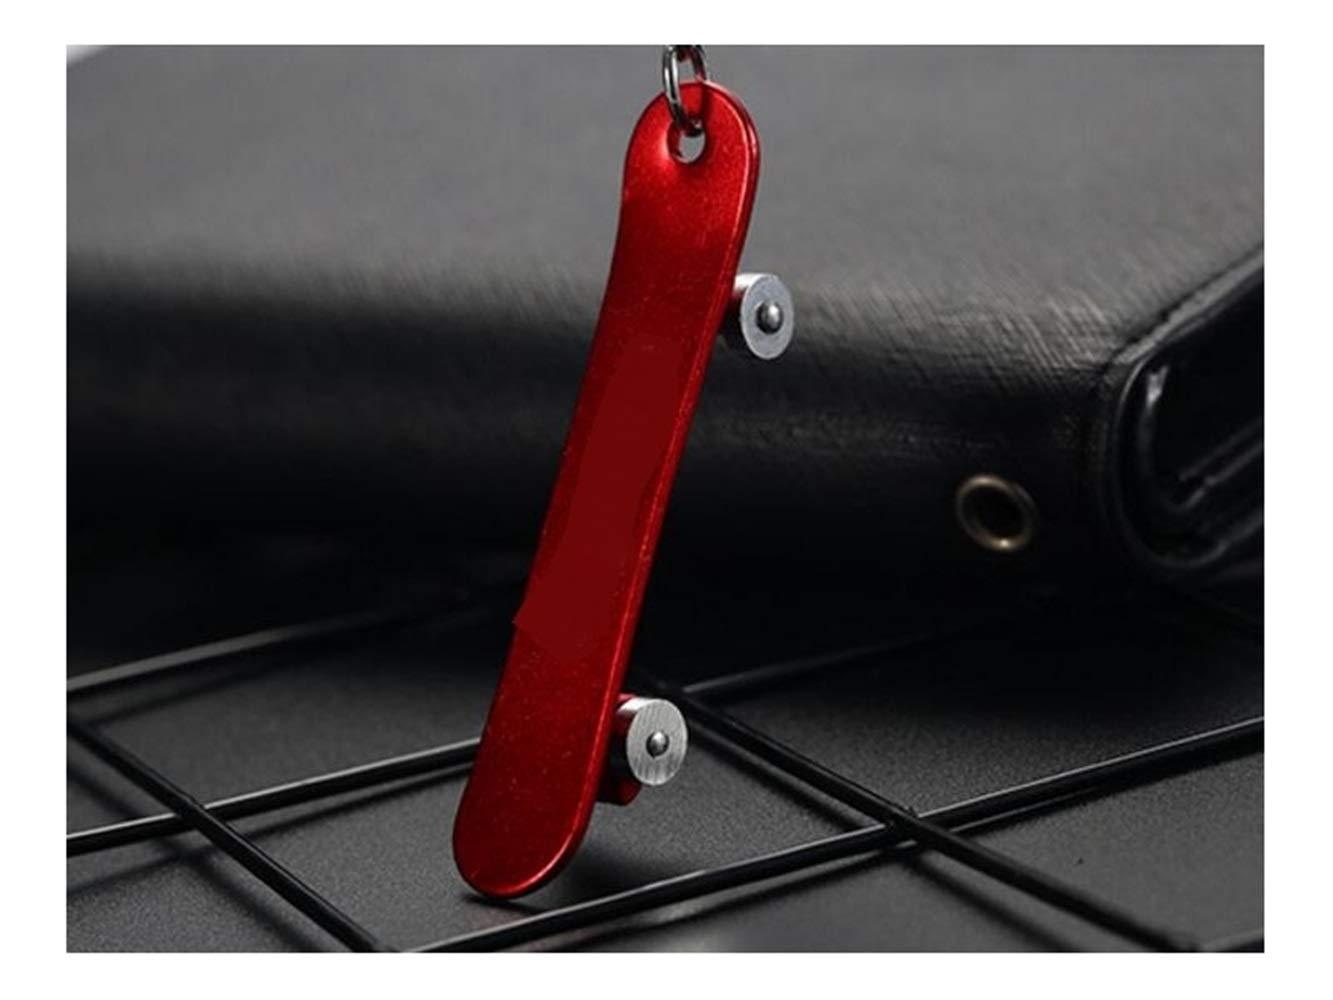 Kxrzu Mode Skateboard Metall Auto Keychain Flut Marke Schlü sselanhä nger Anhä nger Geschenk fü r Mä nner und Women_Red Taschenanhä nger Schlü sselanhä nger